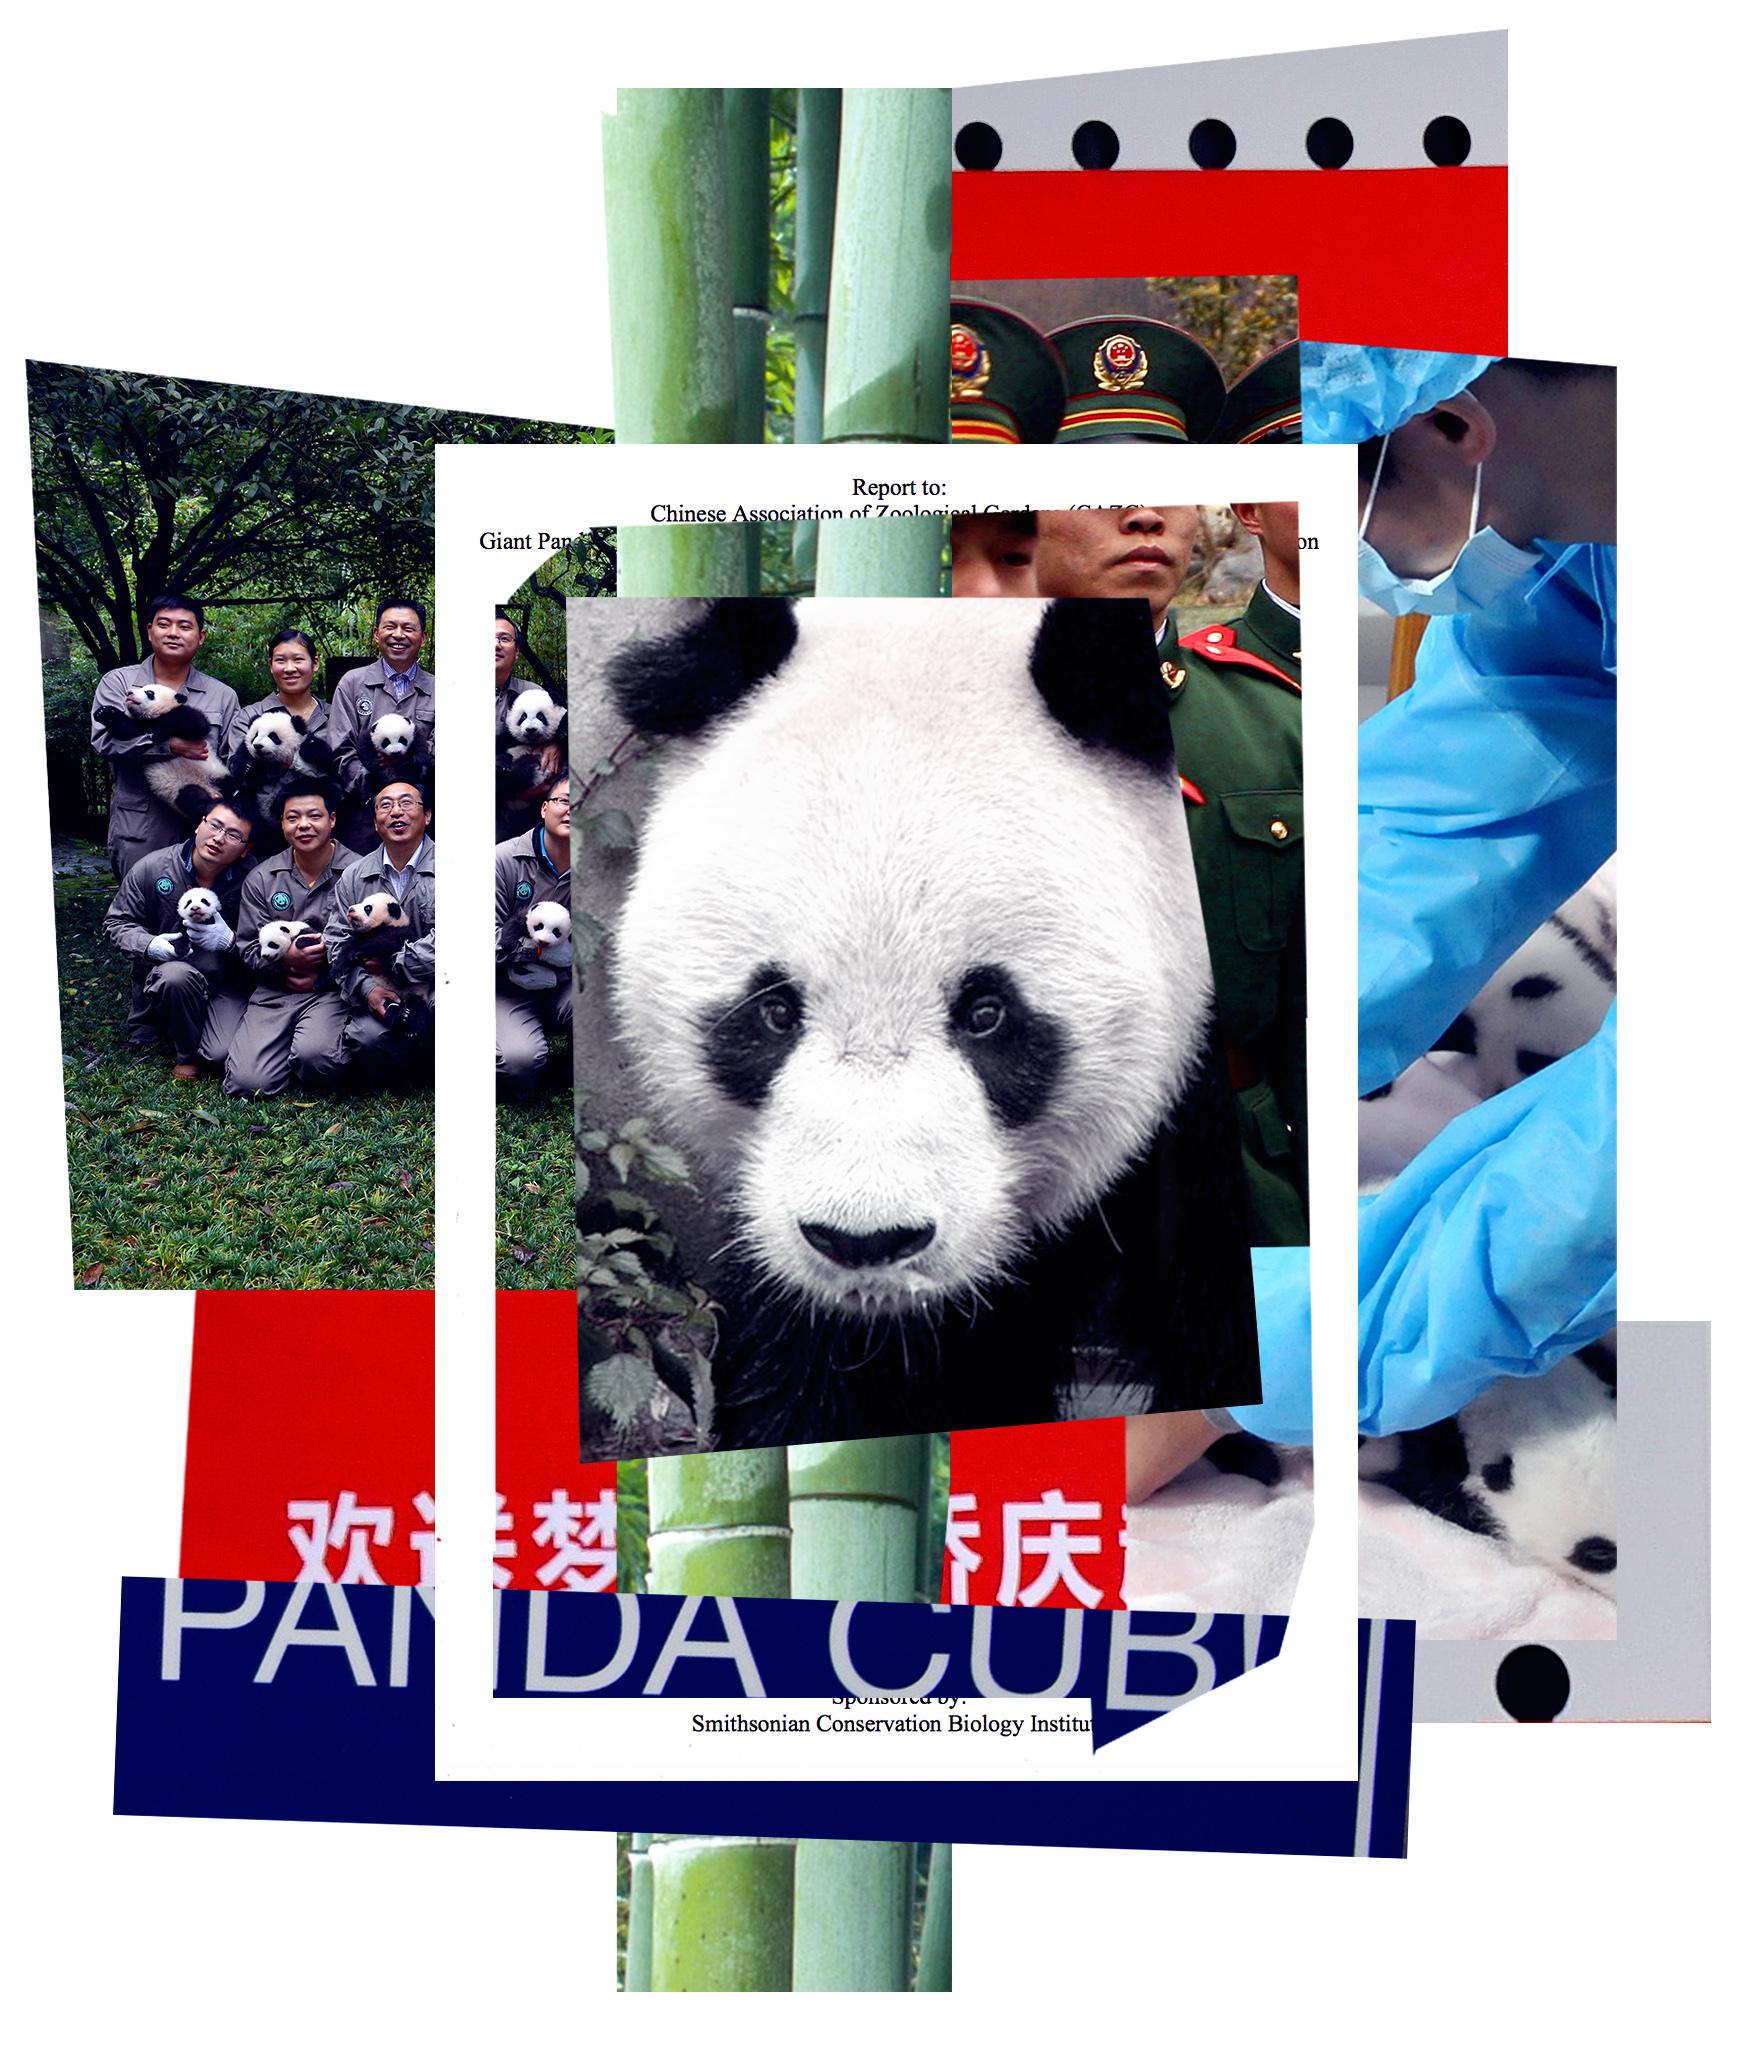 FRANCE-CHINA-PANDA-ENVIRONMENT-ANIMAL